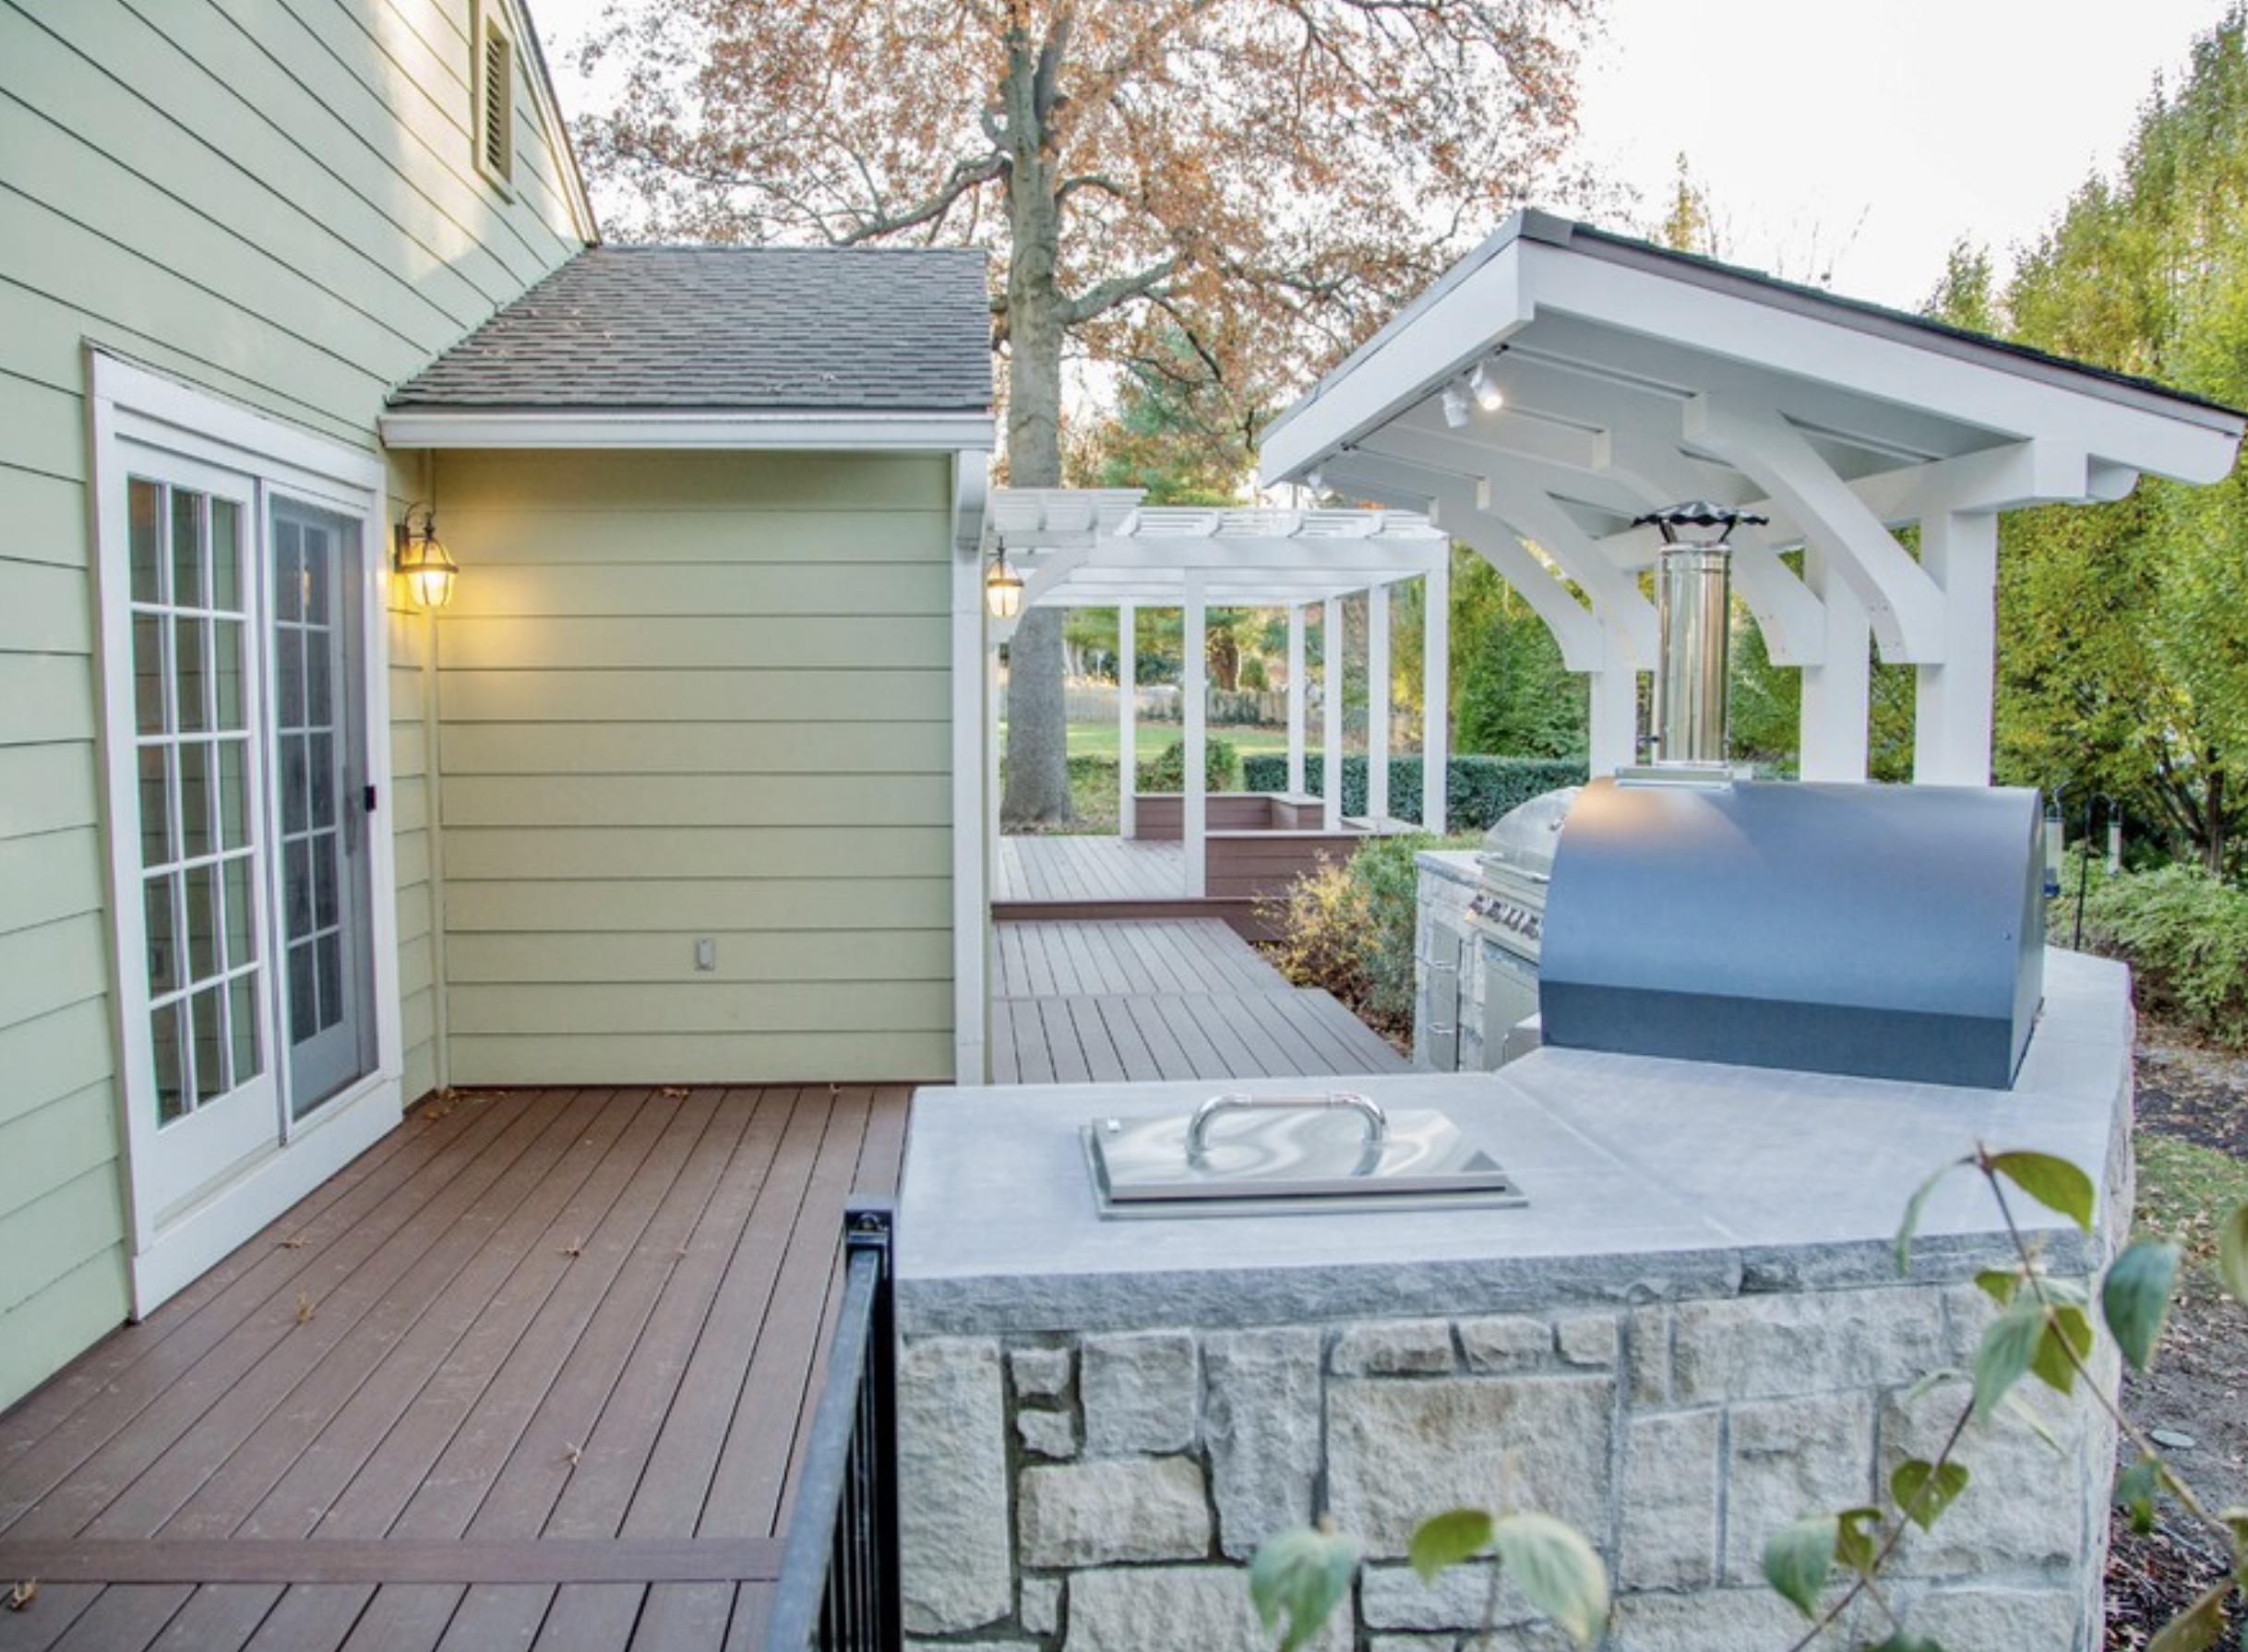 Deck outdoor Kitchen SR Interiors